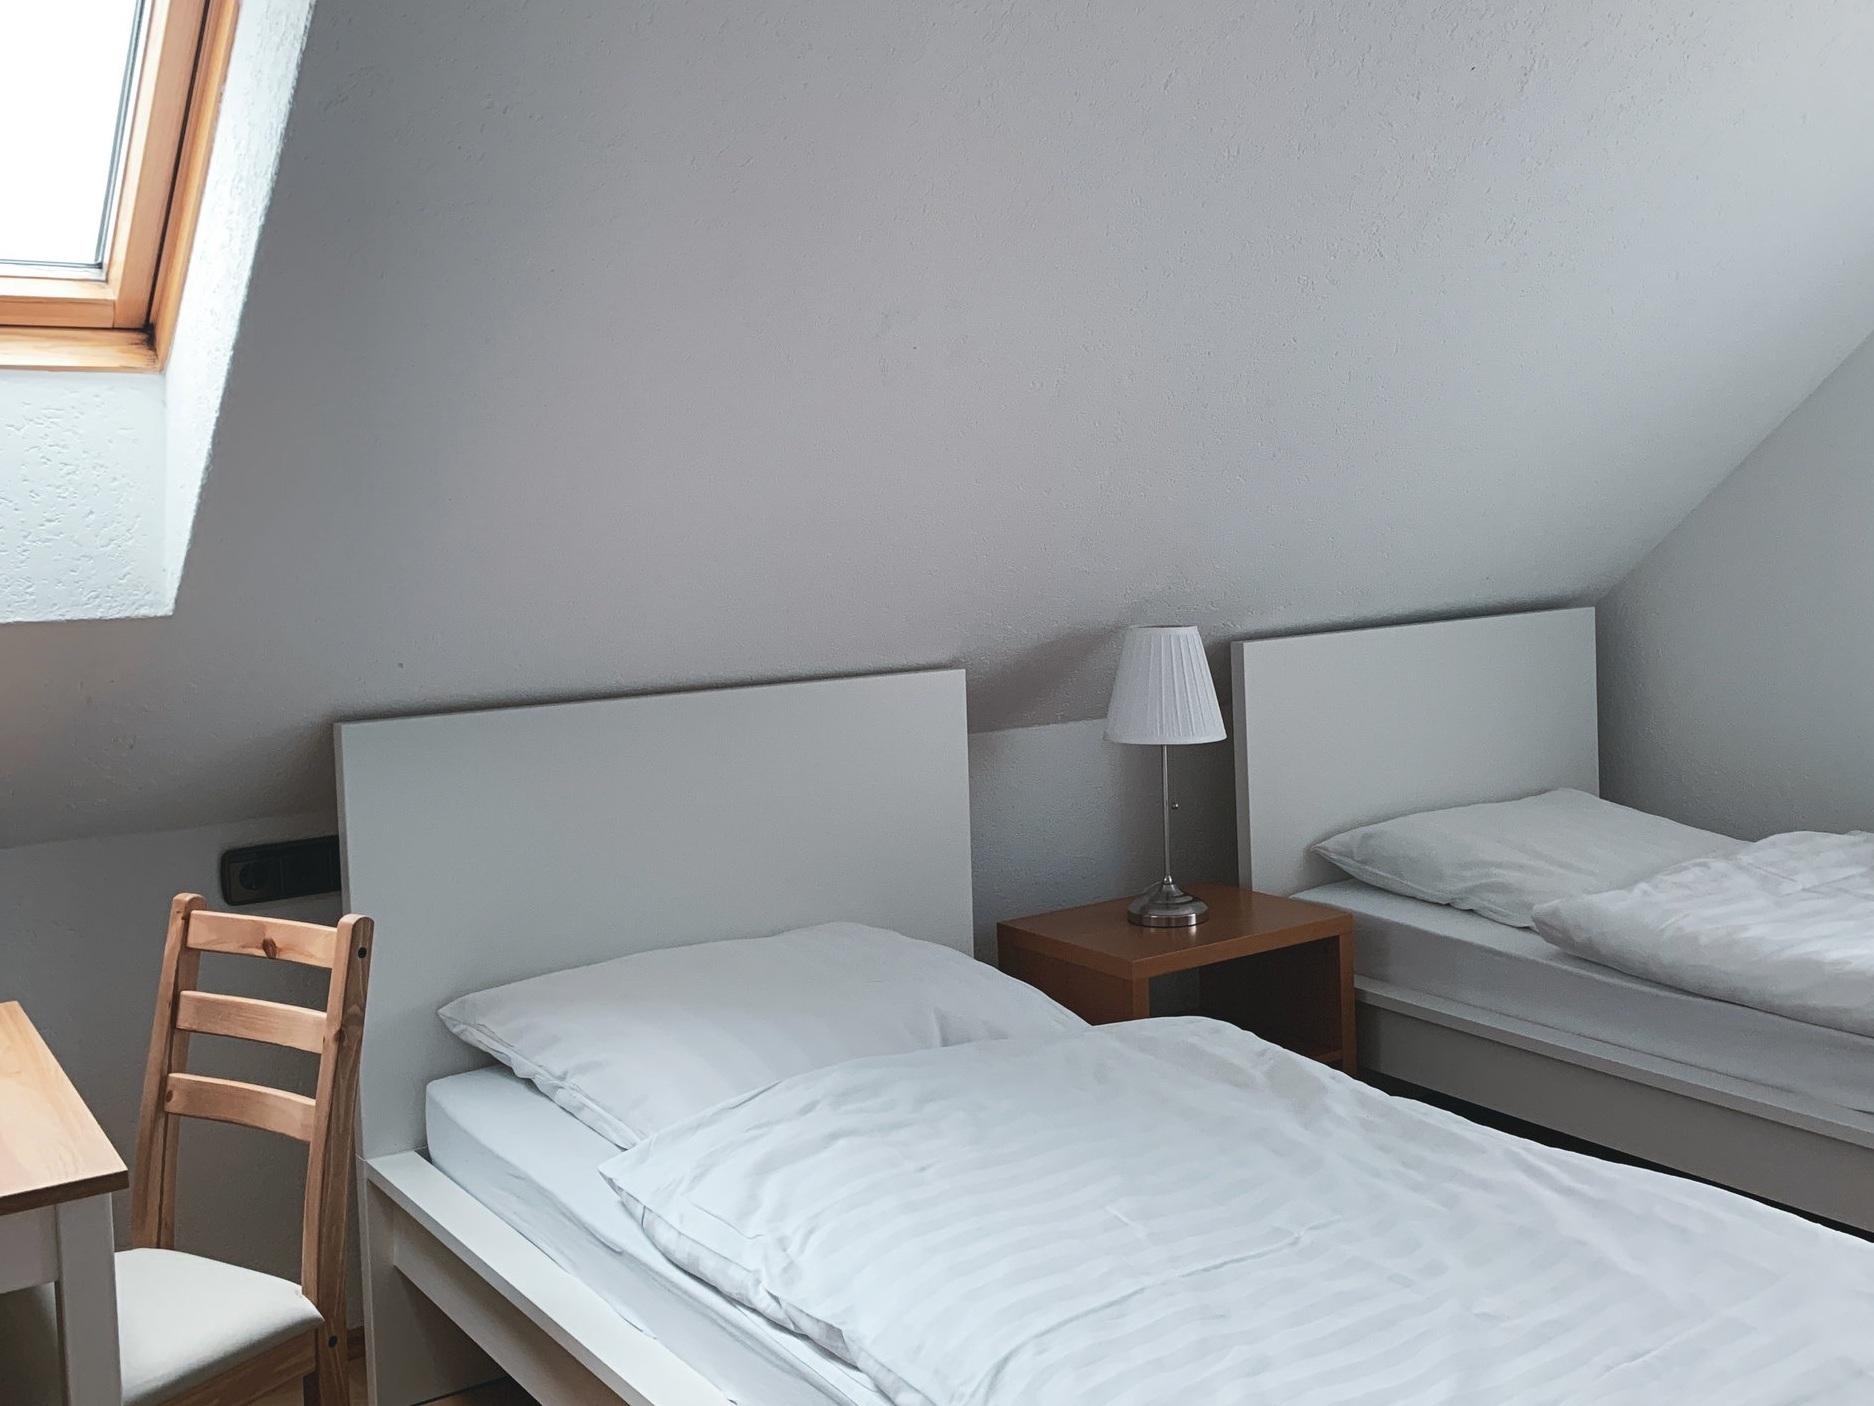 Einzelzimmer - (Doppelzimmer, das als Einzelzimmer genutzt wird)Bei 1 Übernachtung (inkl. 10,00 € Zuschlag) 60,00 € p. ZimmerAb 2 Übernachtungen 50,00 € p. ZimmerAb 7 Übernachtungen 39,00 € p. ZimmerAb 15 Übernachtungen 29,00 € p. ZimmerAb 25 Übernachtungen und mehr 22,00 € p. Zimmer